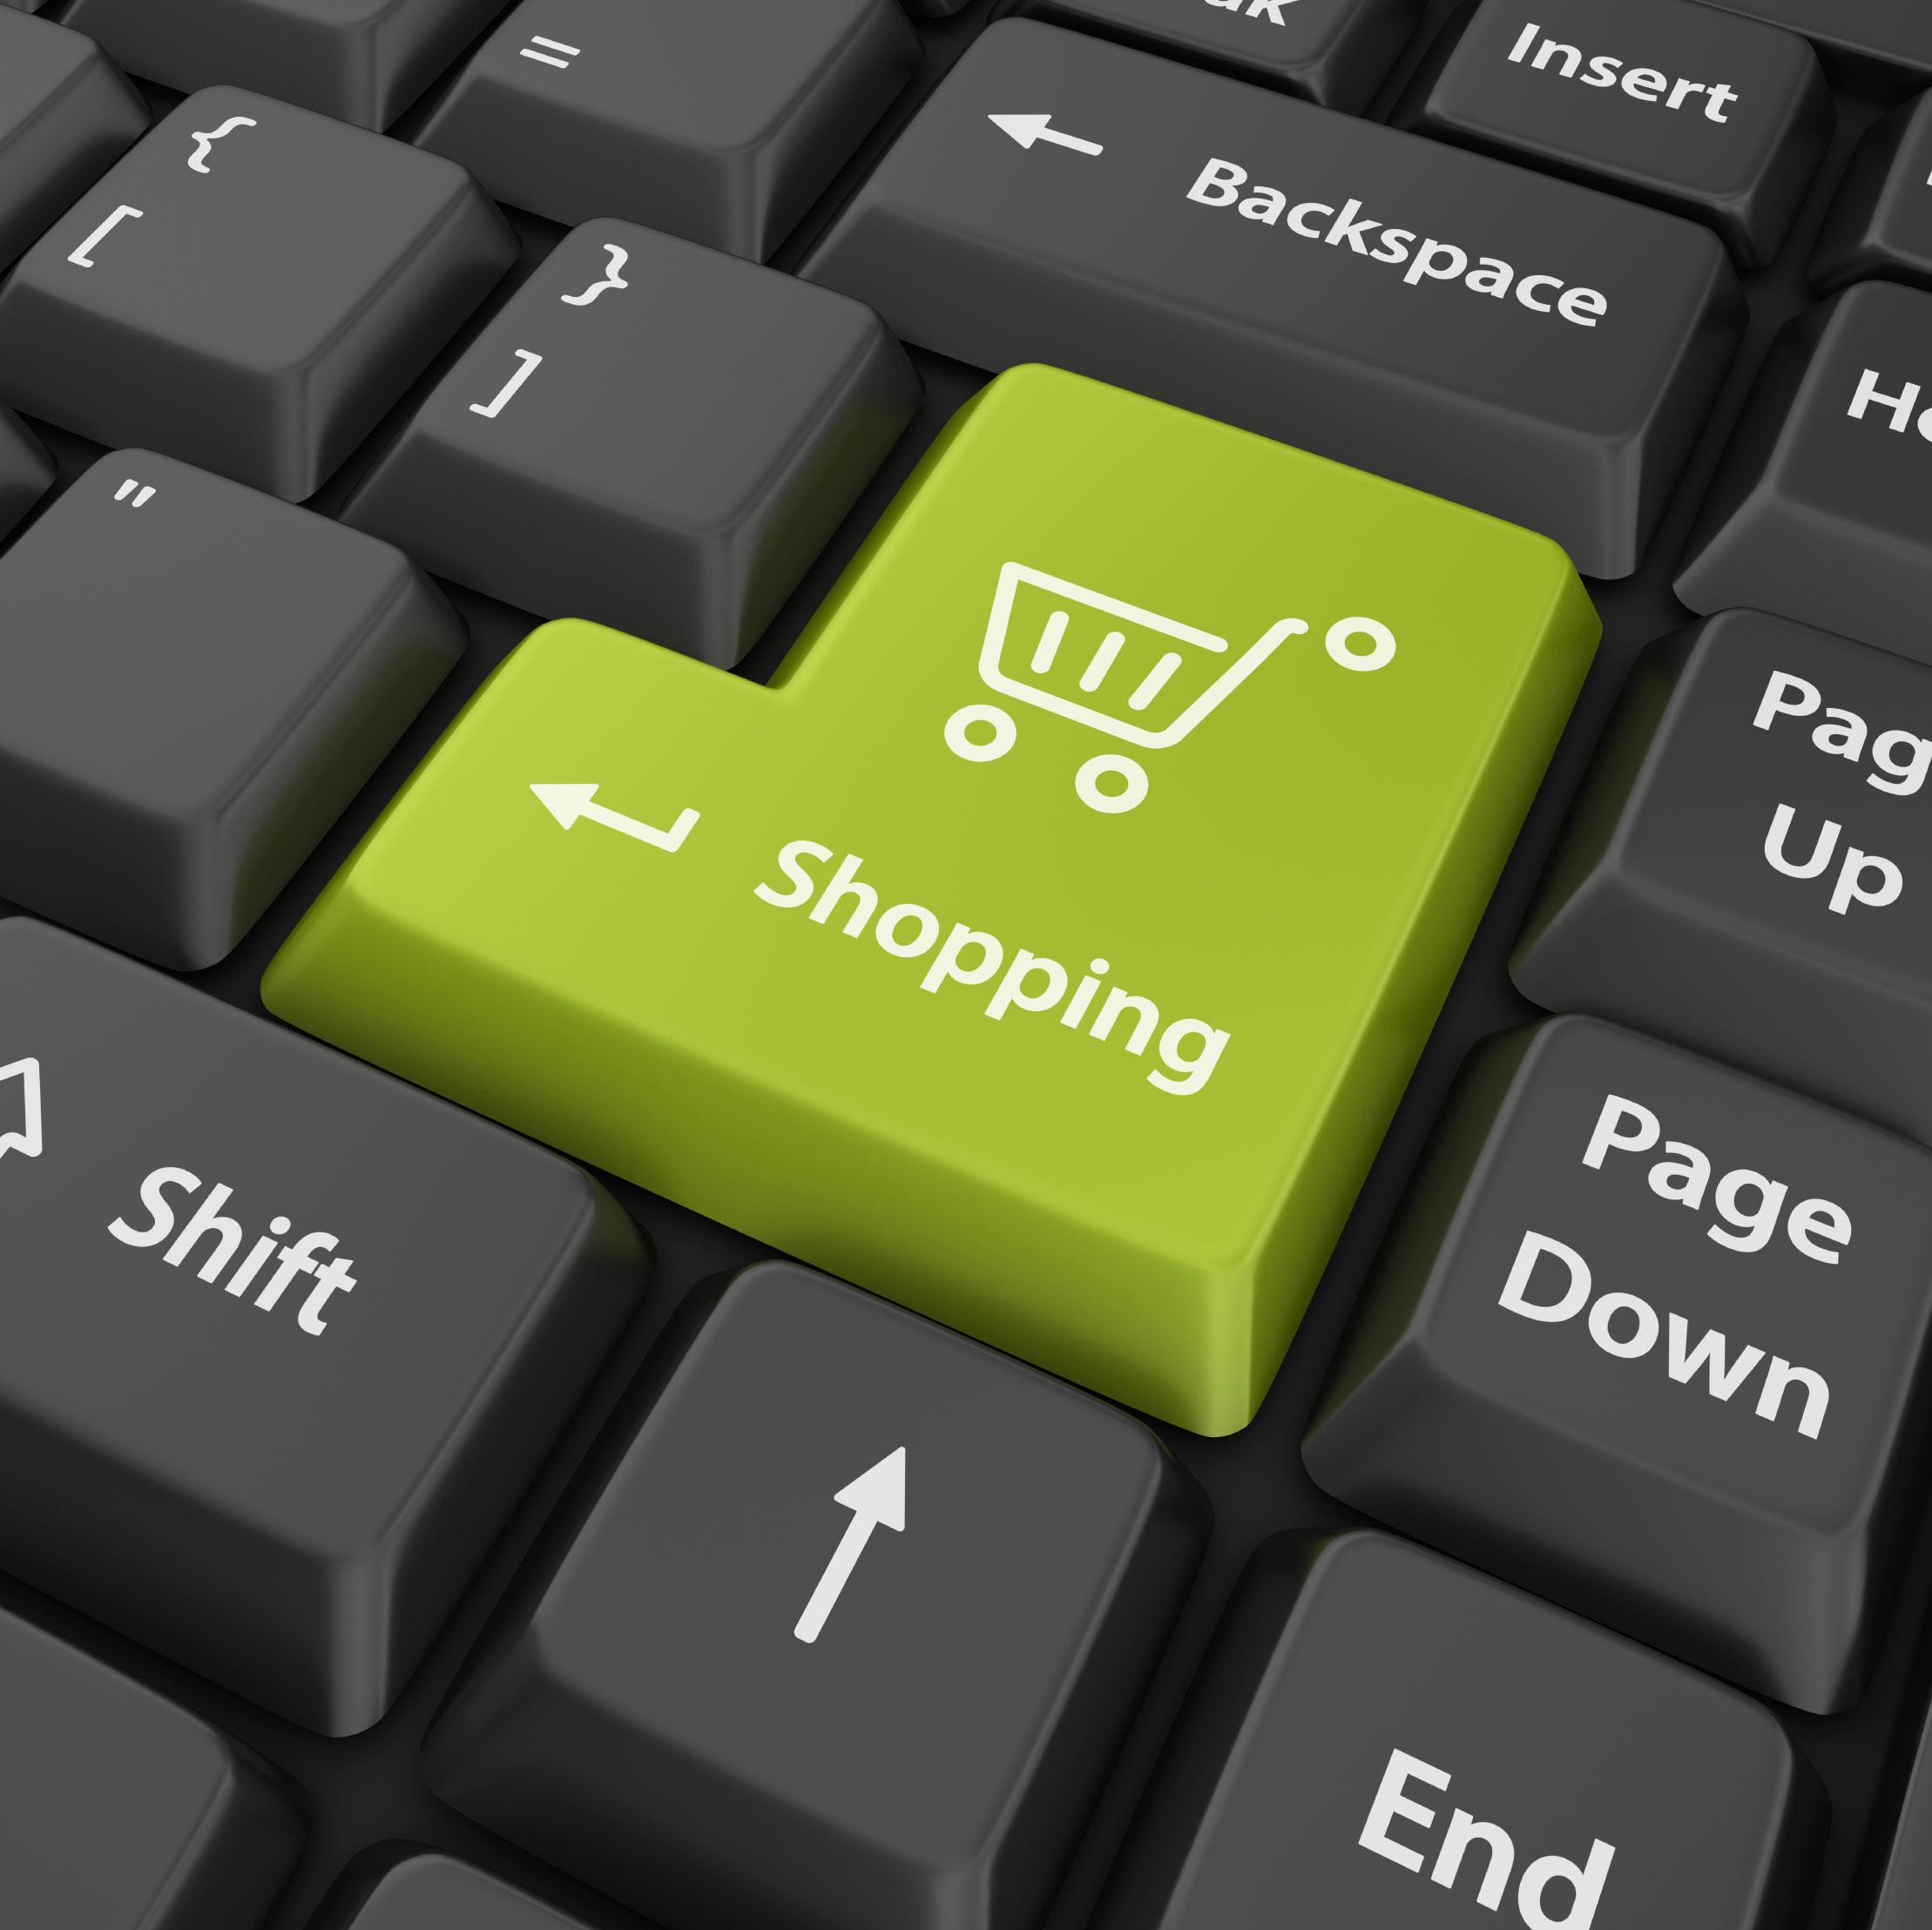 7e31775b26d Покупка одежды через интернет  онлайн-шопинг в зарубежных интернет ...